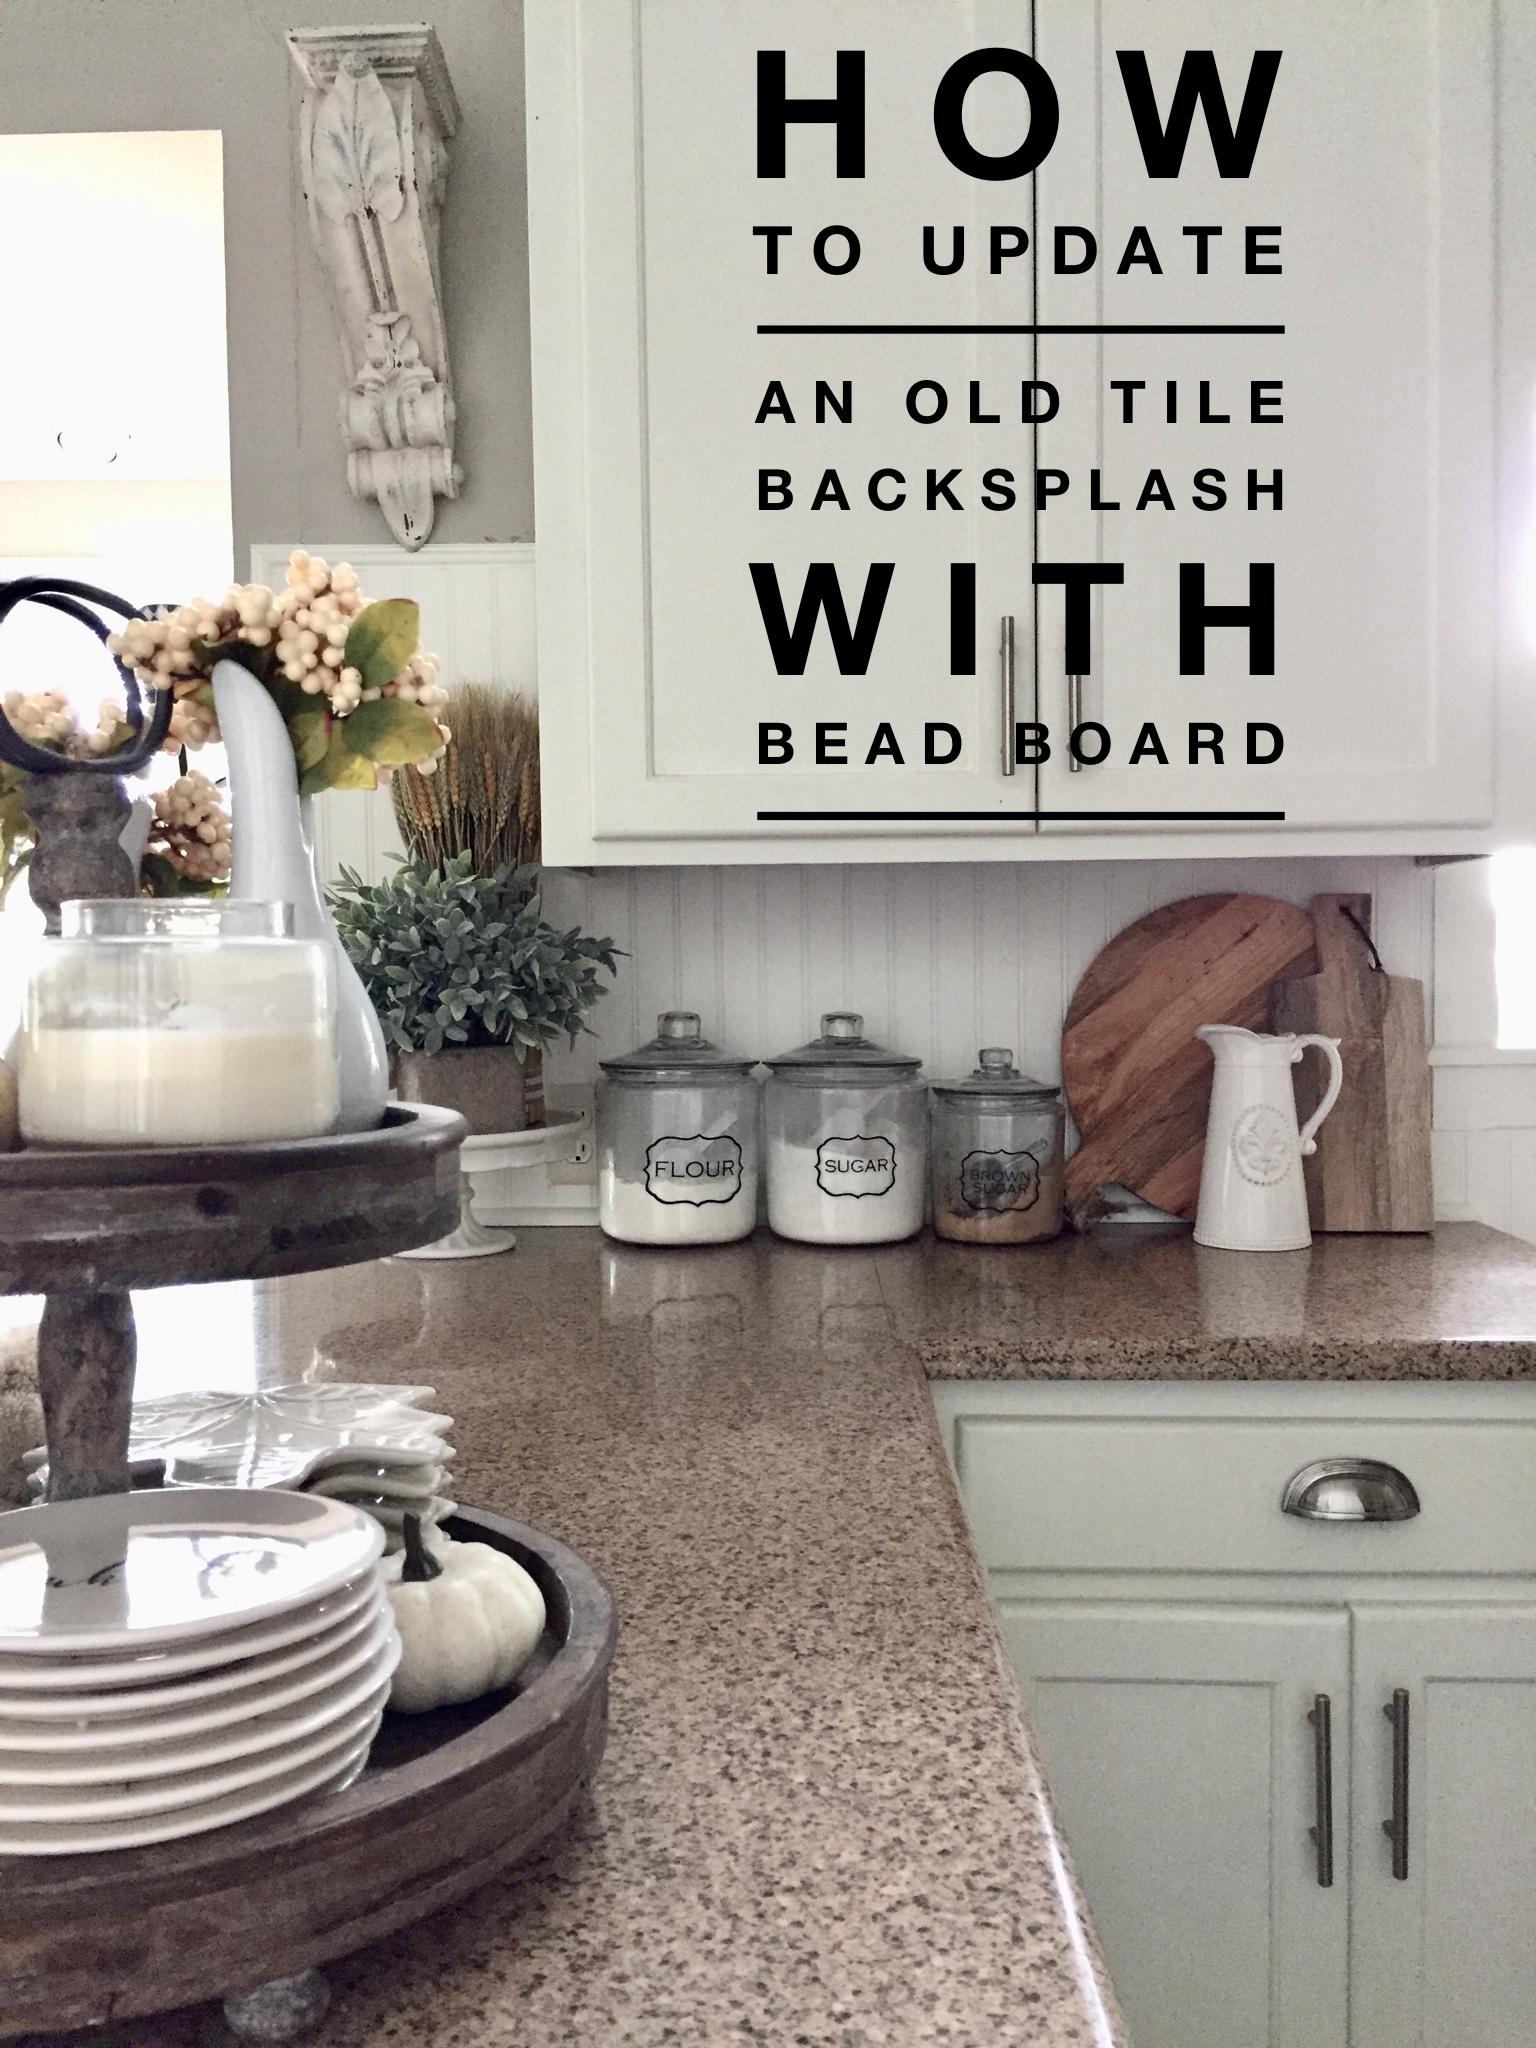 Update Your Kitchen Back Splash Tile With Bead Board Diy Tile